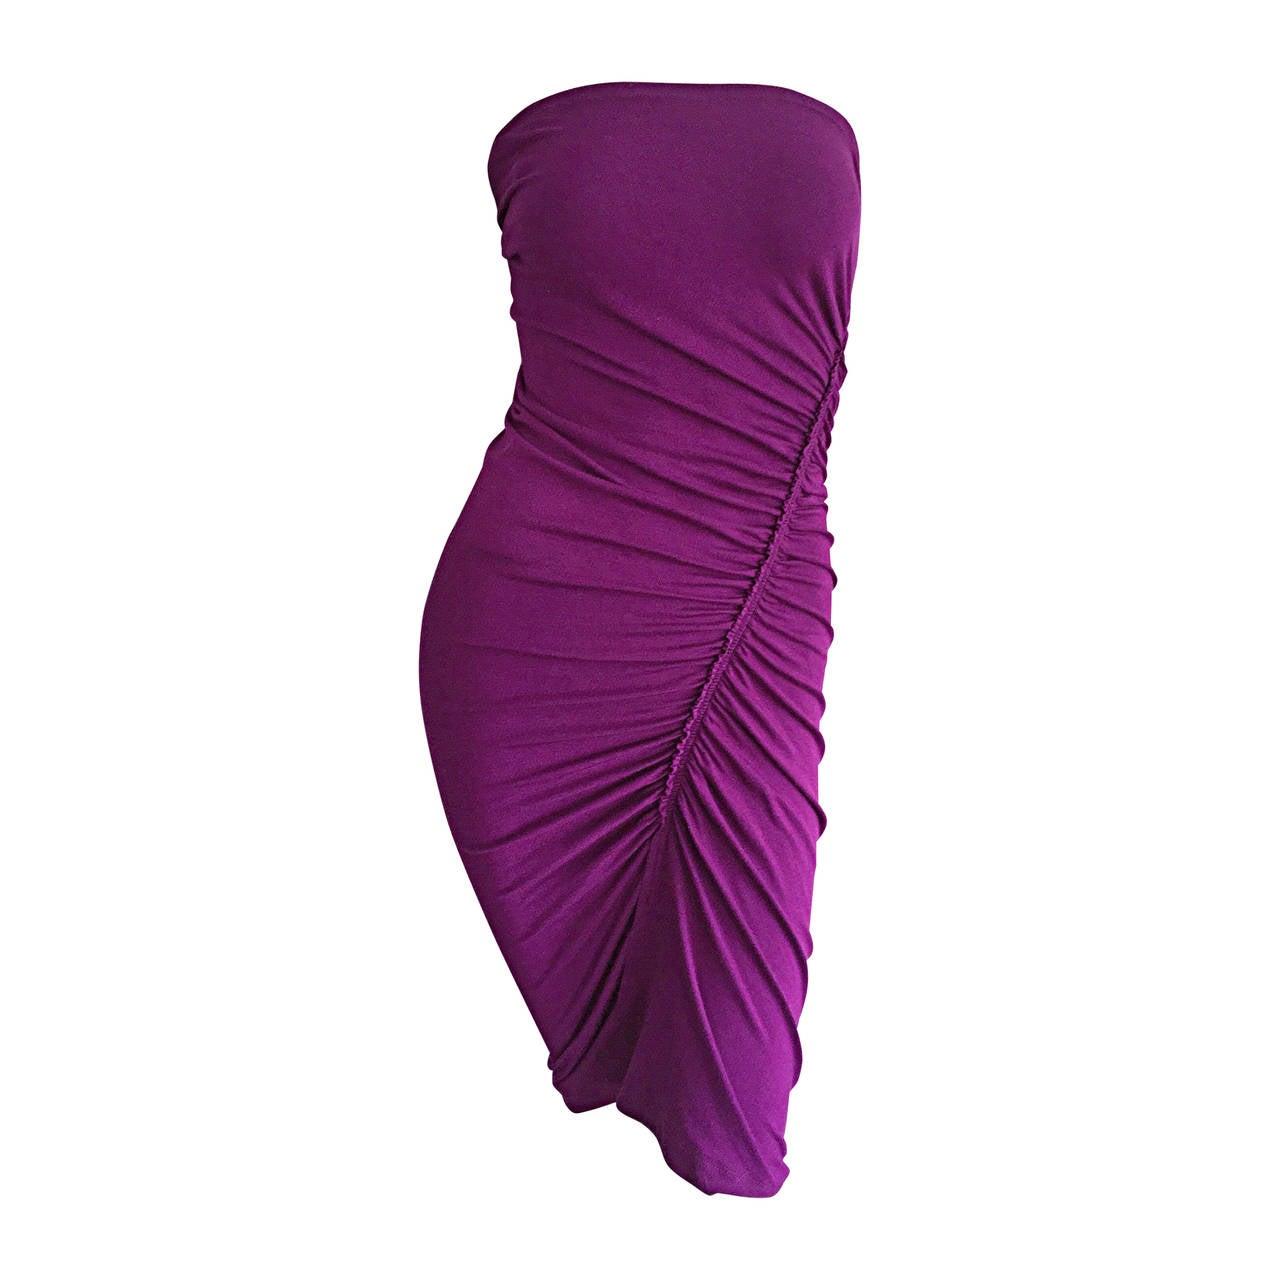 Brand New Donna Karan ' Black Label ' Fall 2010 Purple Ruched Runway Dress 1